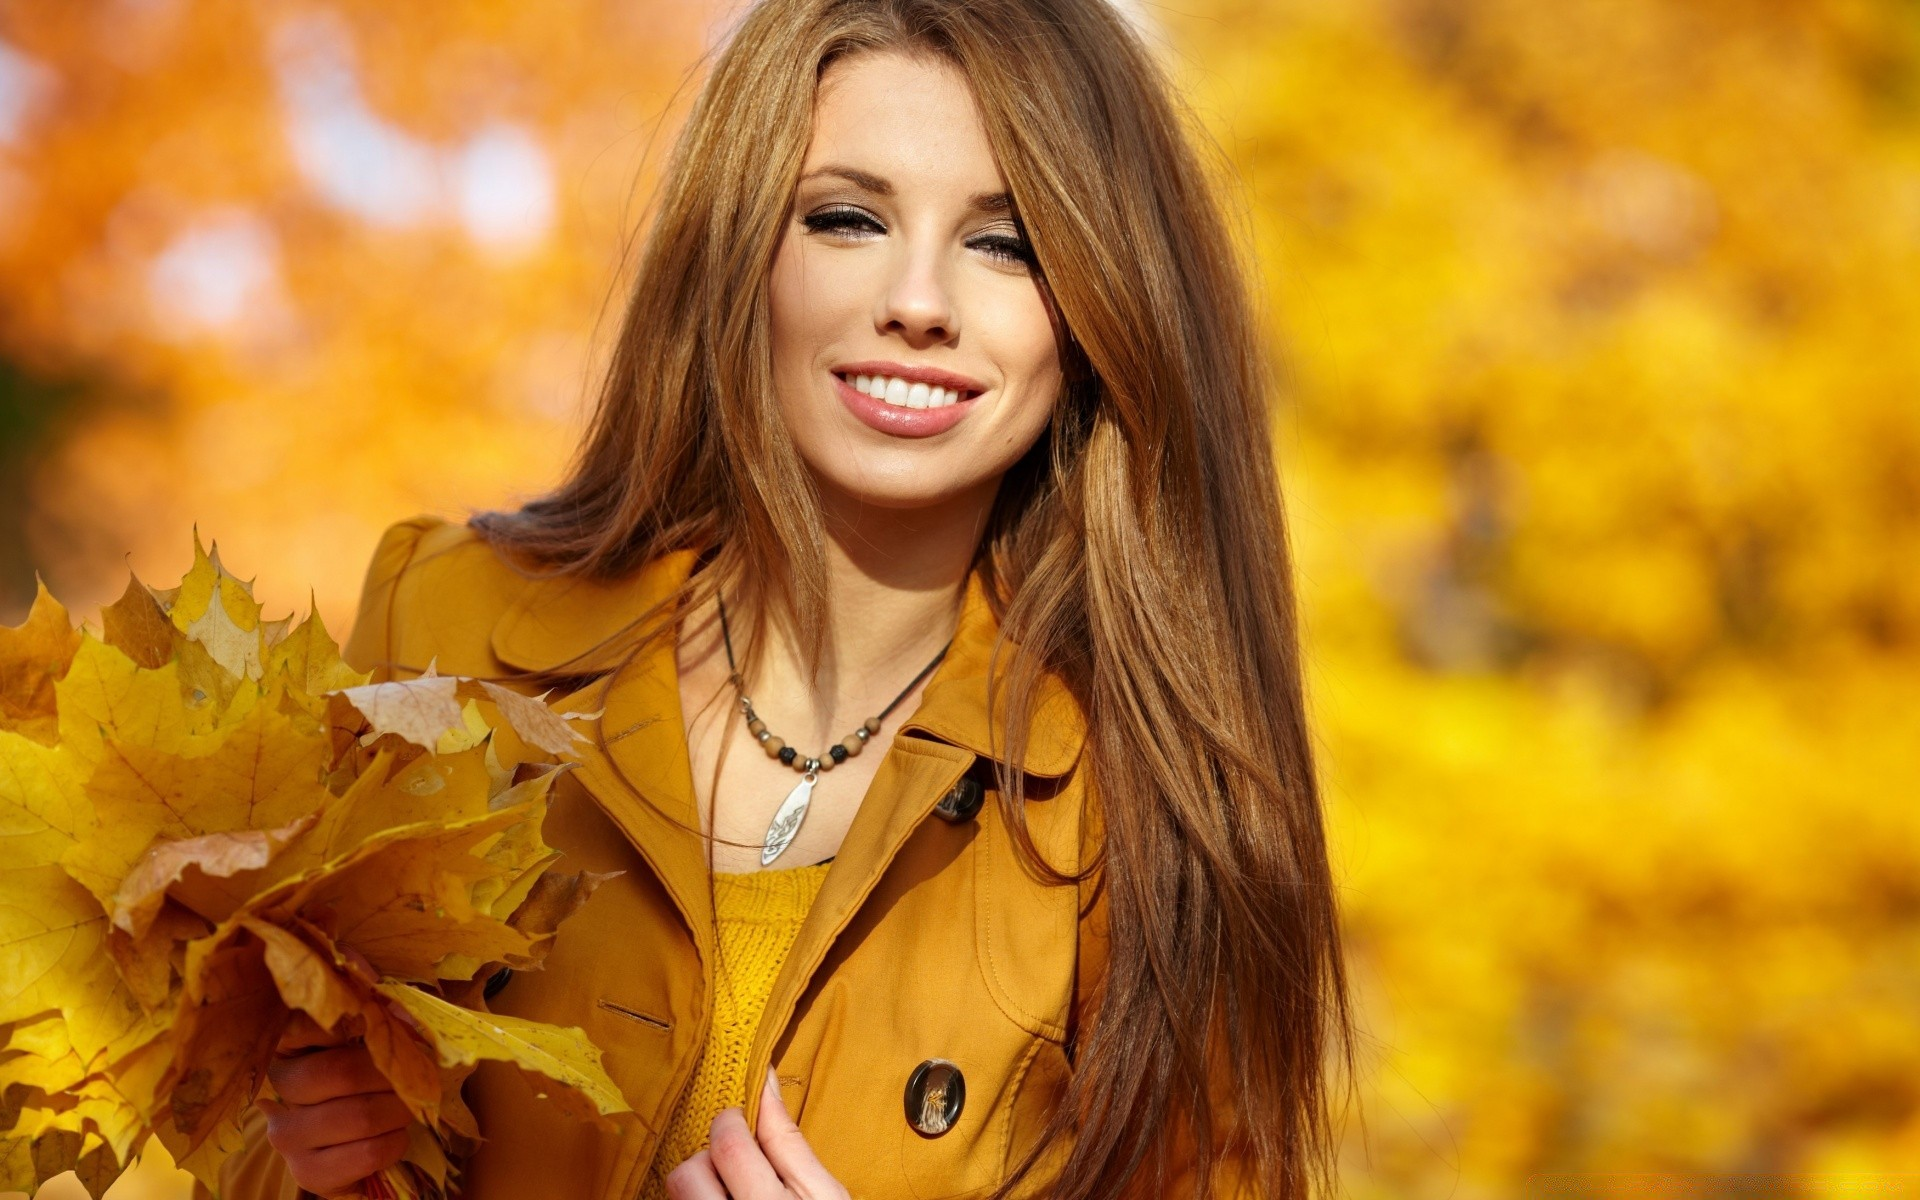 Фото одной девушки краси